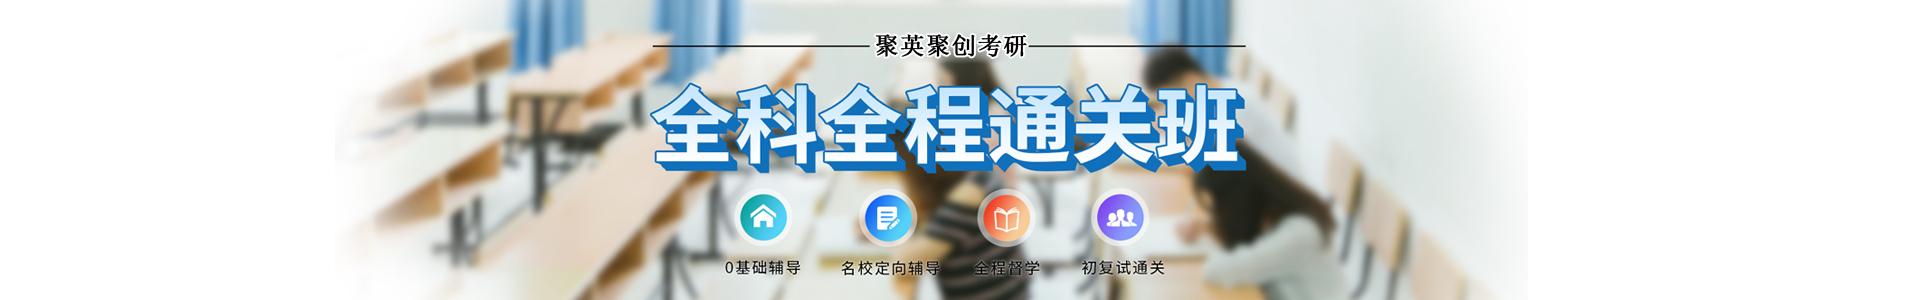 廣州聚英聚創考研培訓學校